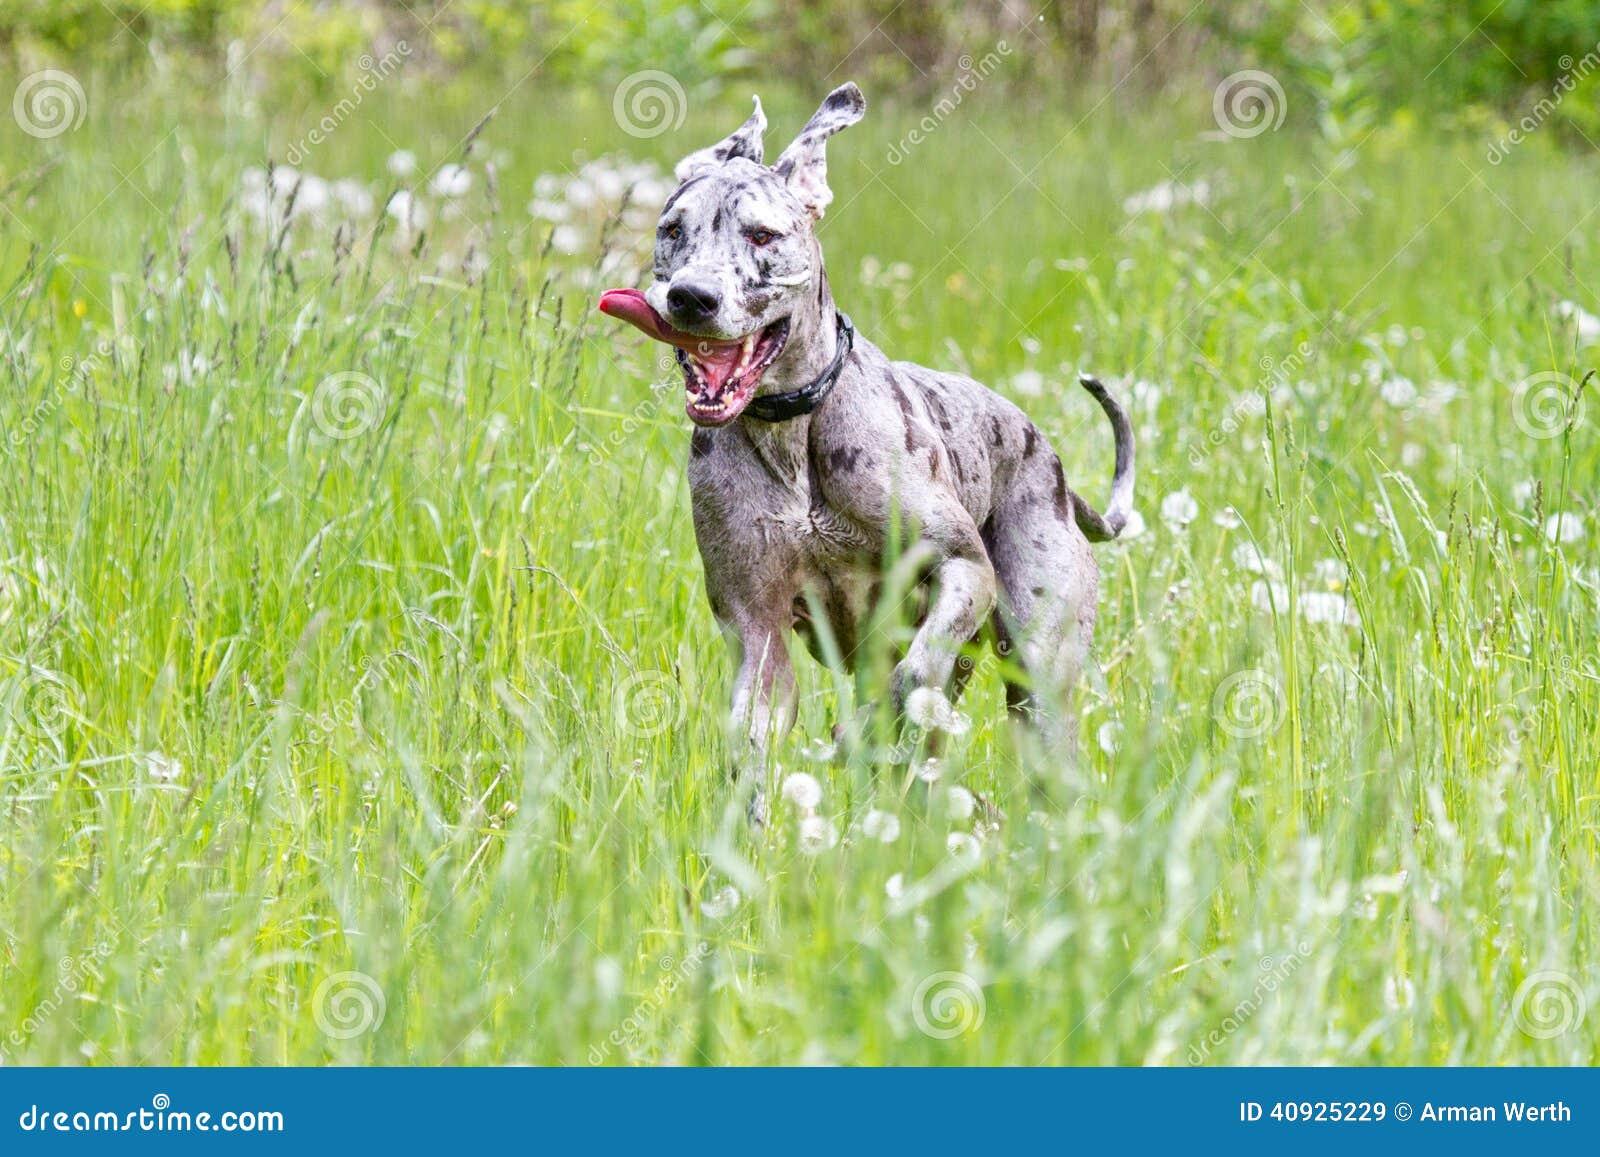 丹麦种大狗赛跑